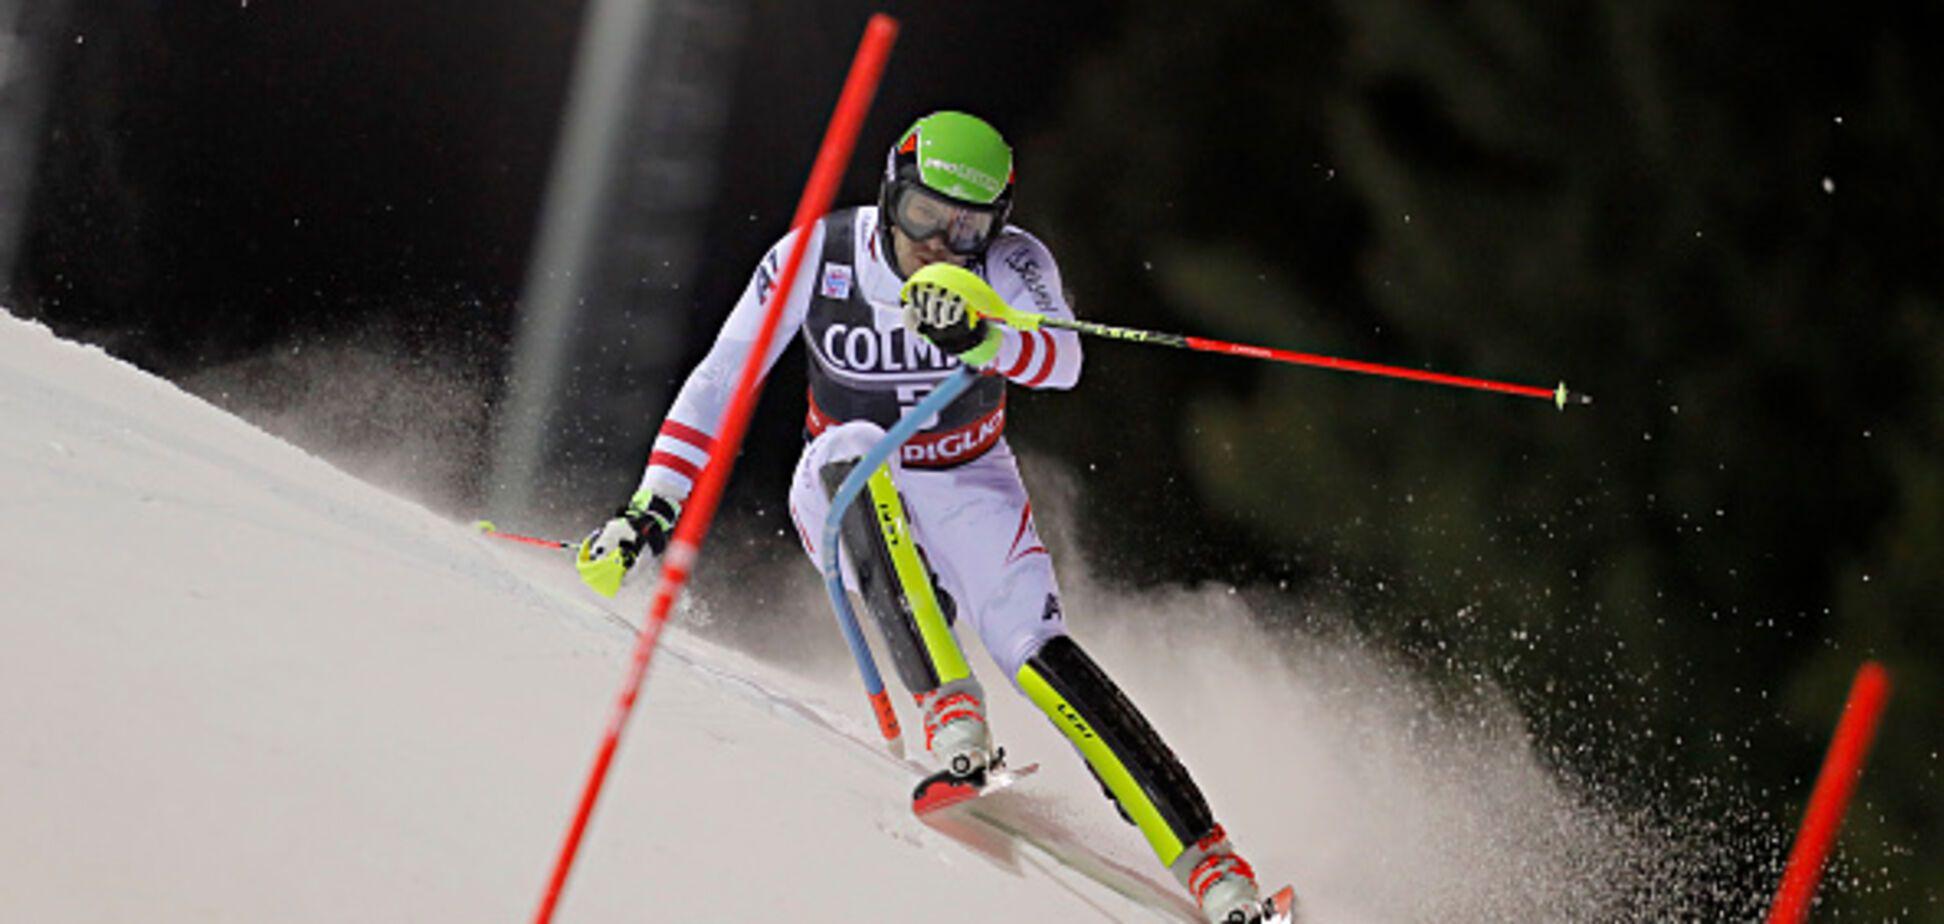 Відомий гірськолижник жорстко впав на швидкості в фіналі Кубка світу: відео падіння